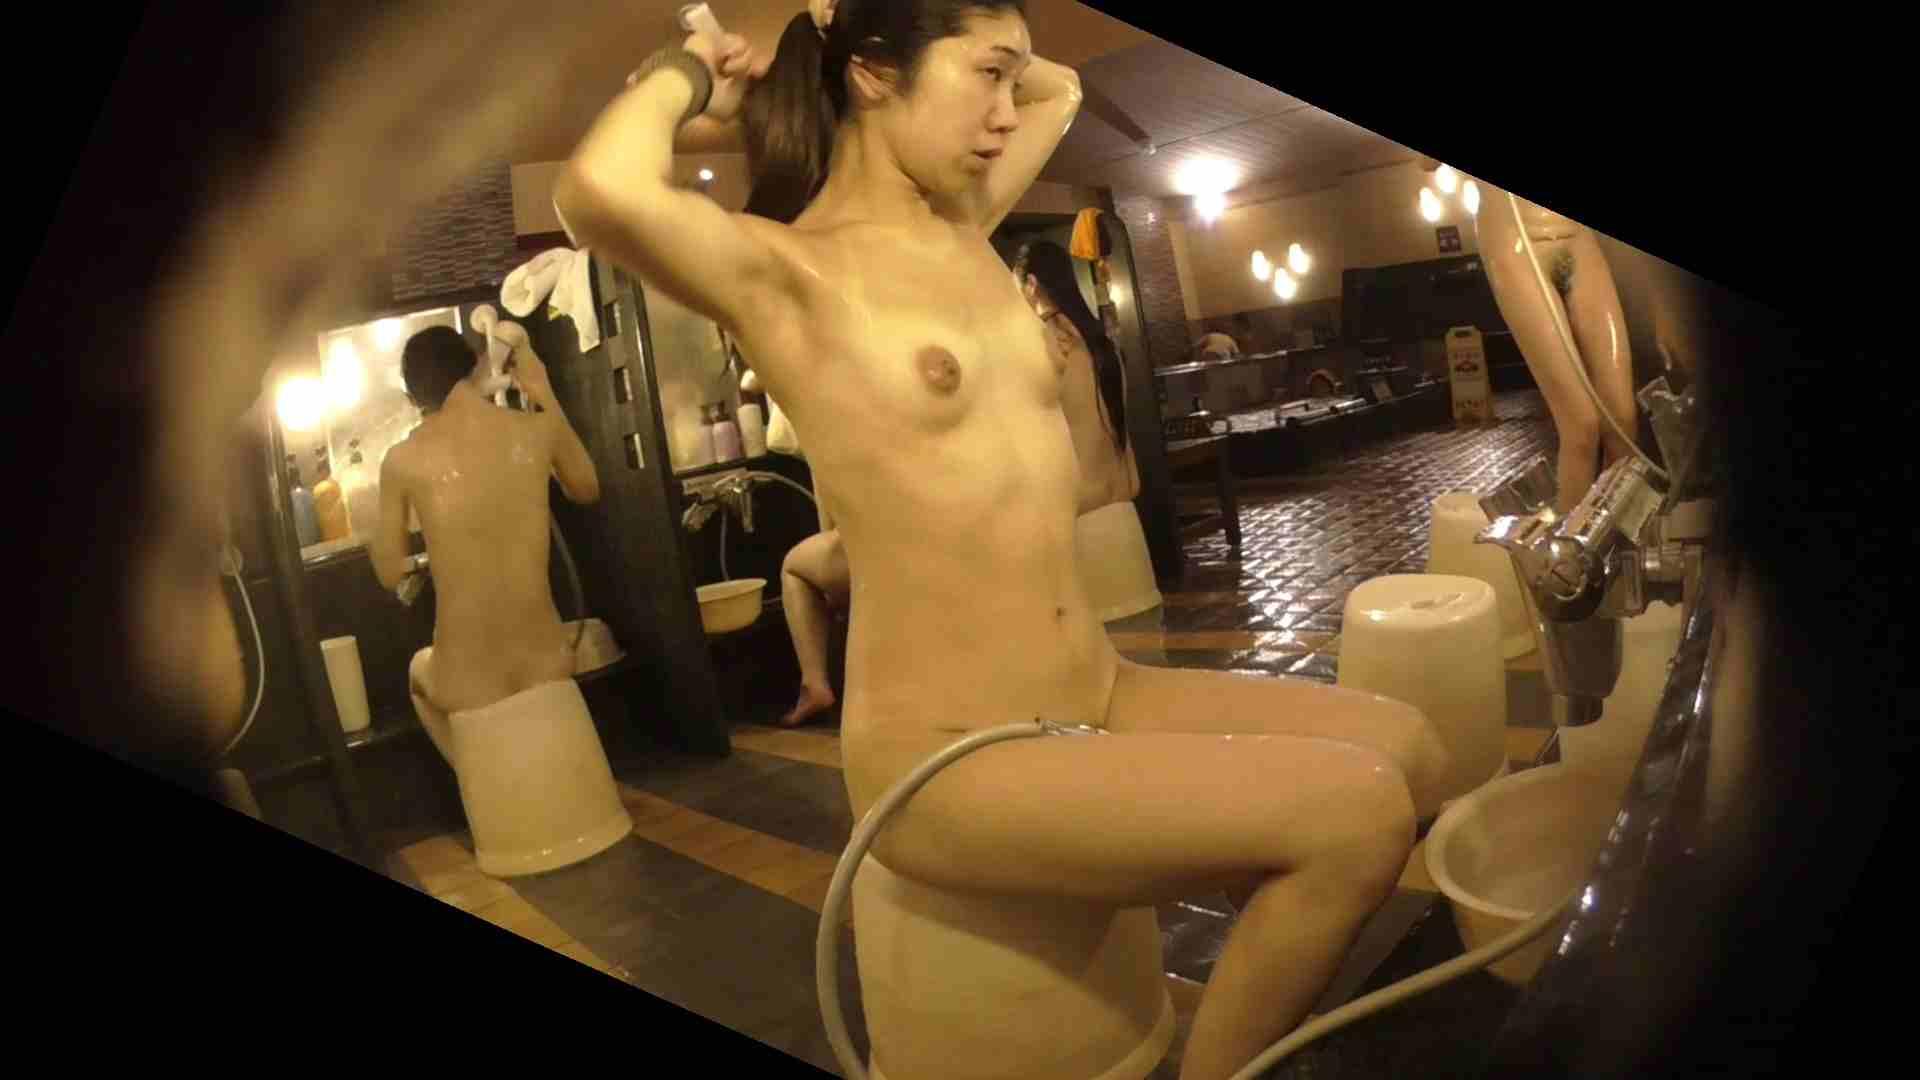 お風呂HEROの助手 vol.04 美乳 AV無料動画キャプチャ 88画像 3